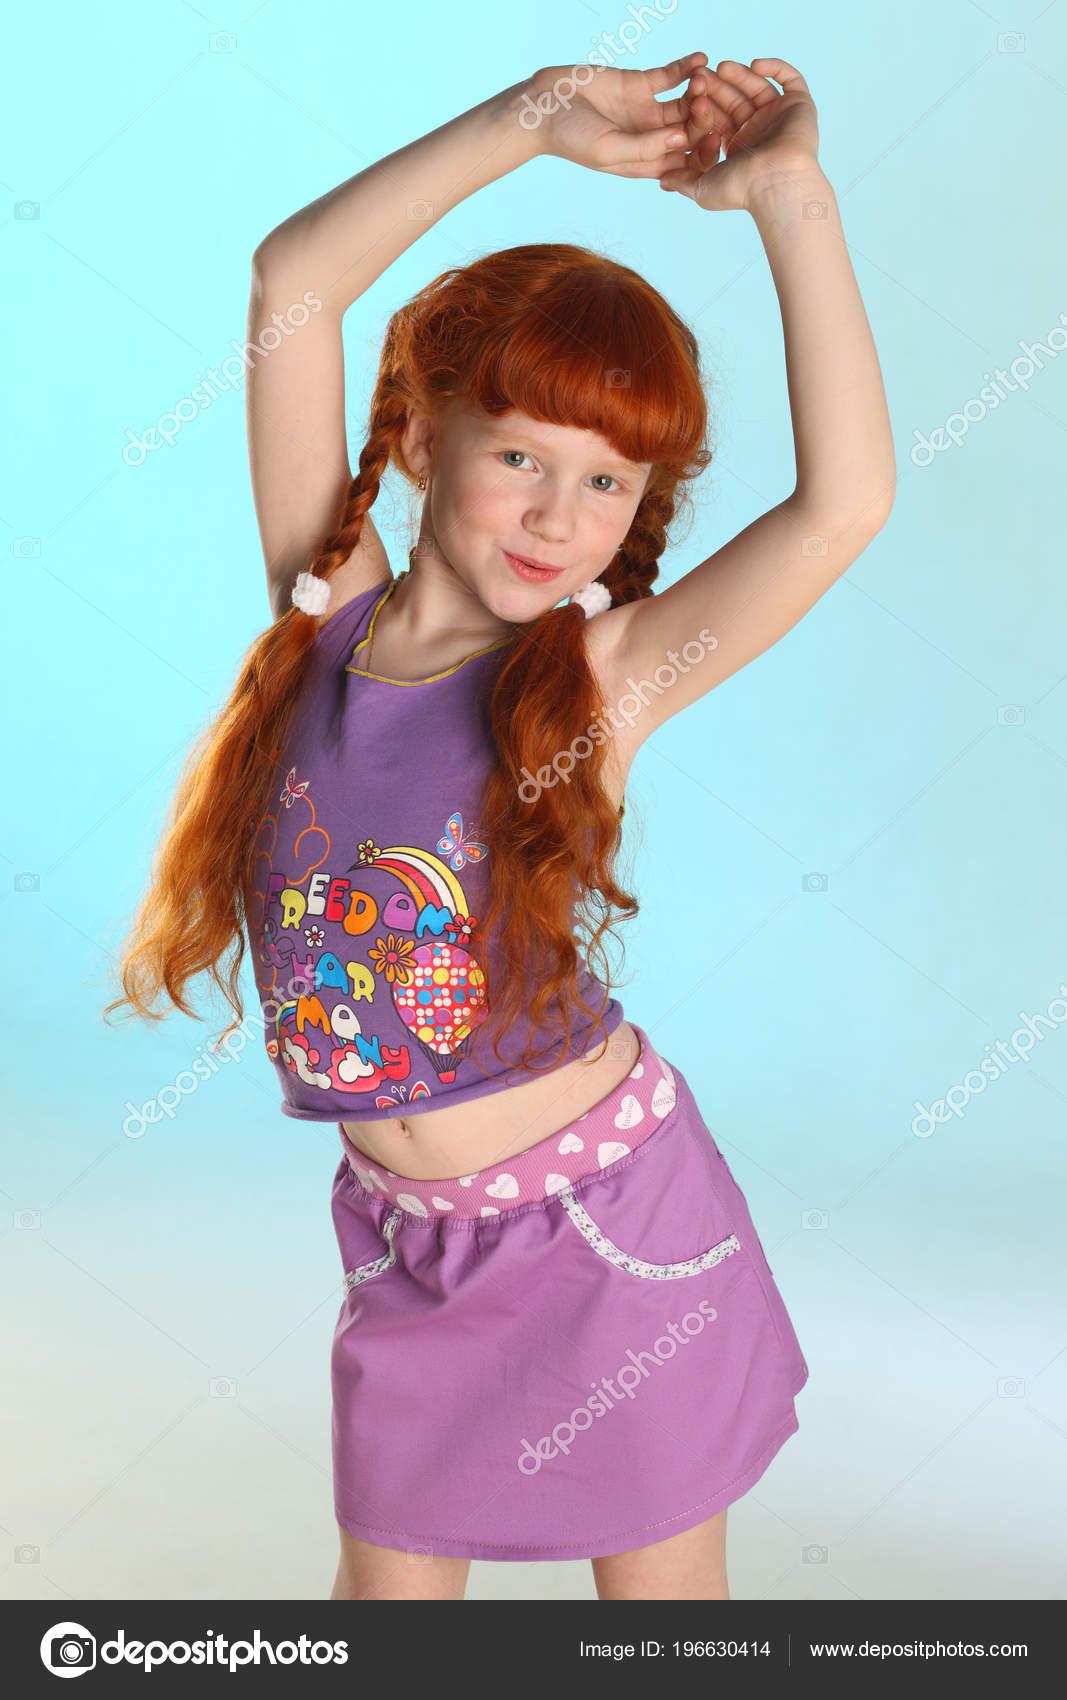 Tiny nude redhead